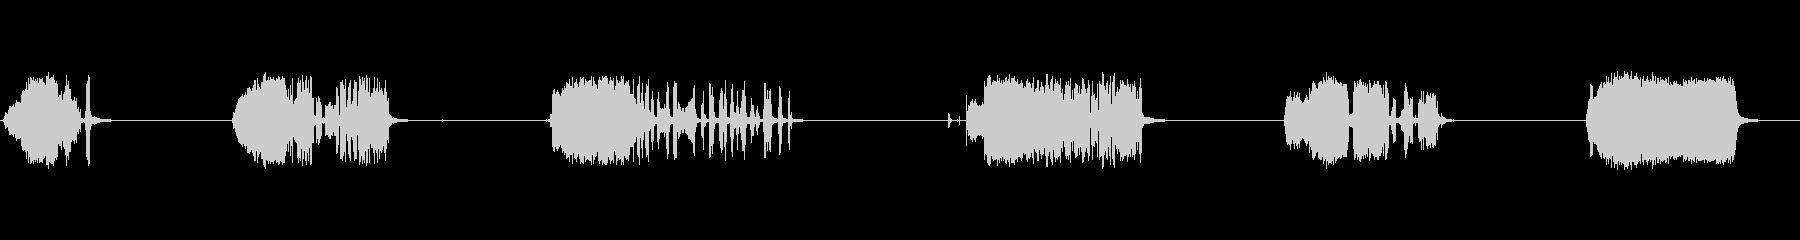 さまざまな電気アークの未再生の波形